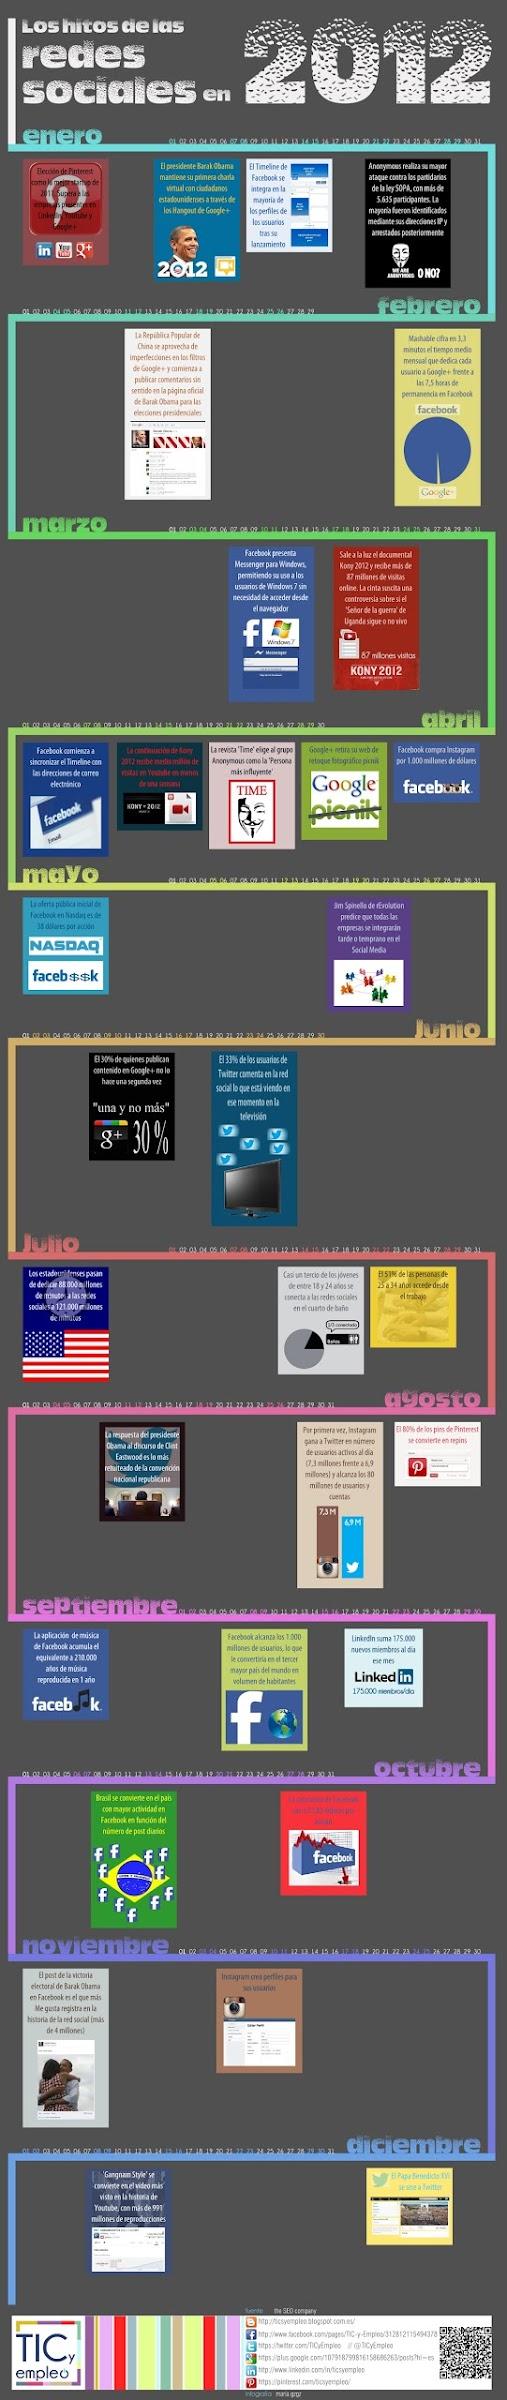 acontecimientos redes sociales 2012